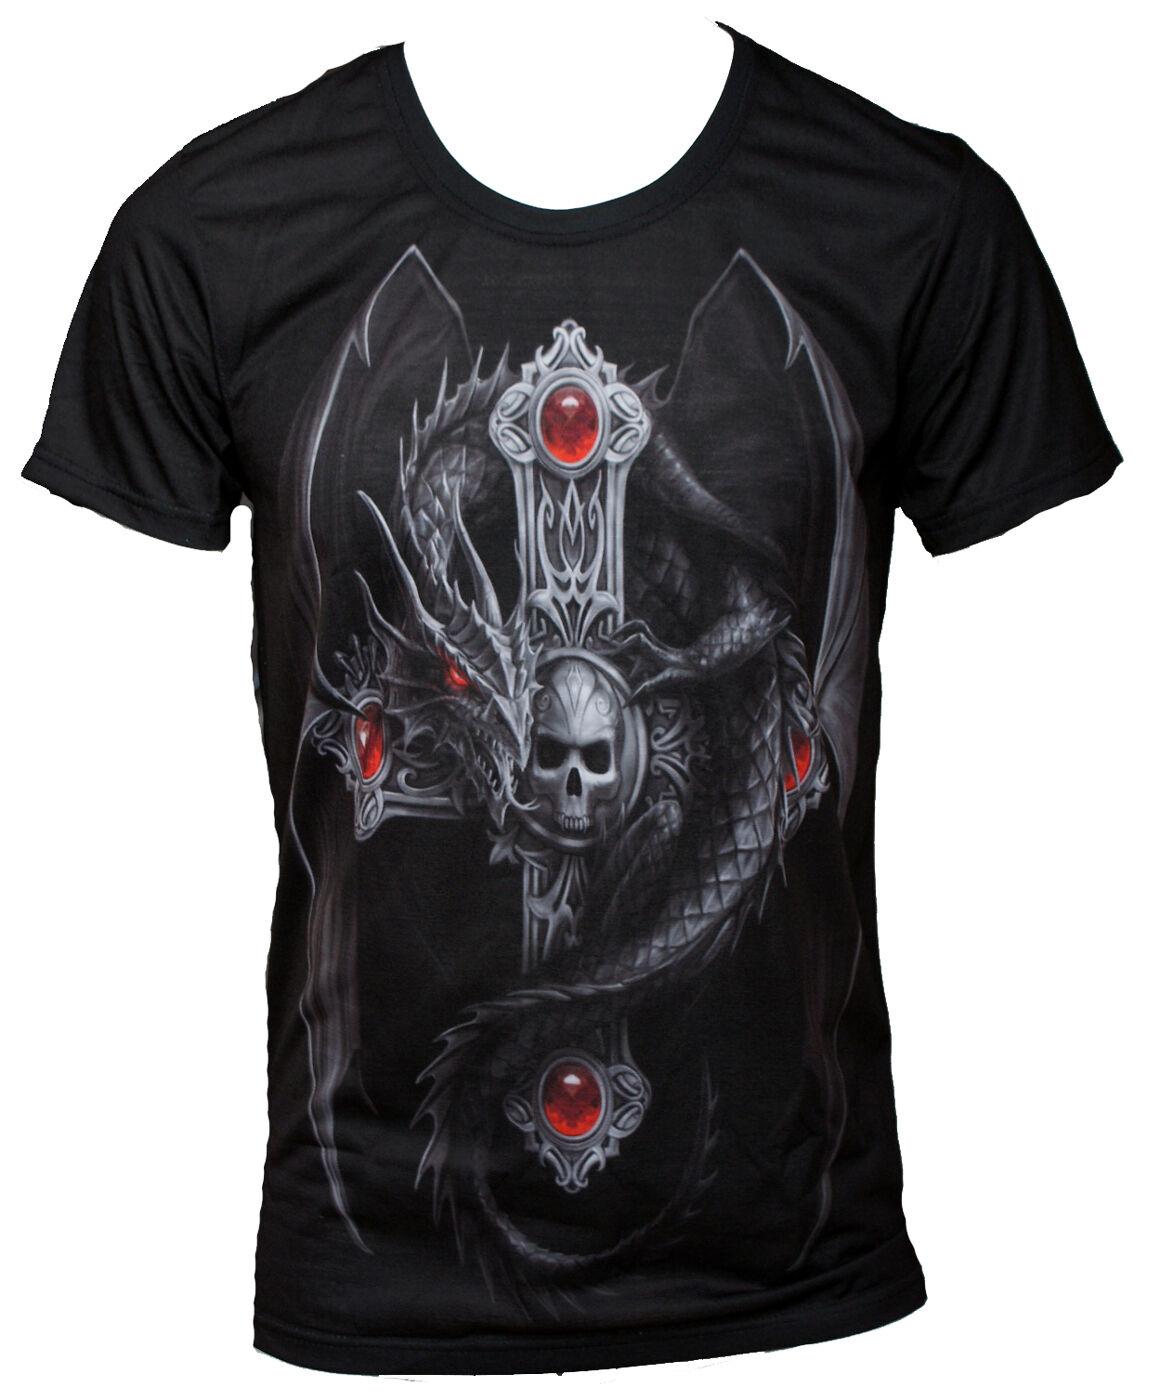 Anne Stokes - Wild Star Hearts - GOTHIC DRAGON - T-Shirt - Größes M - 7XL     Sonderkauf    New Style    Um Sowohl Die Qualität Der Zähigkeit Und Härte